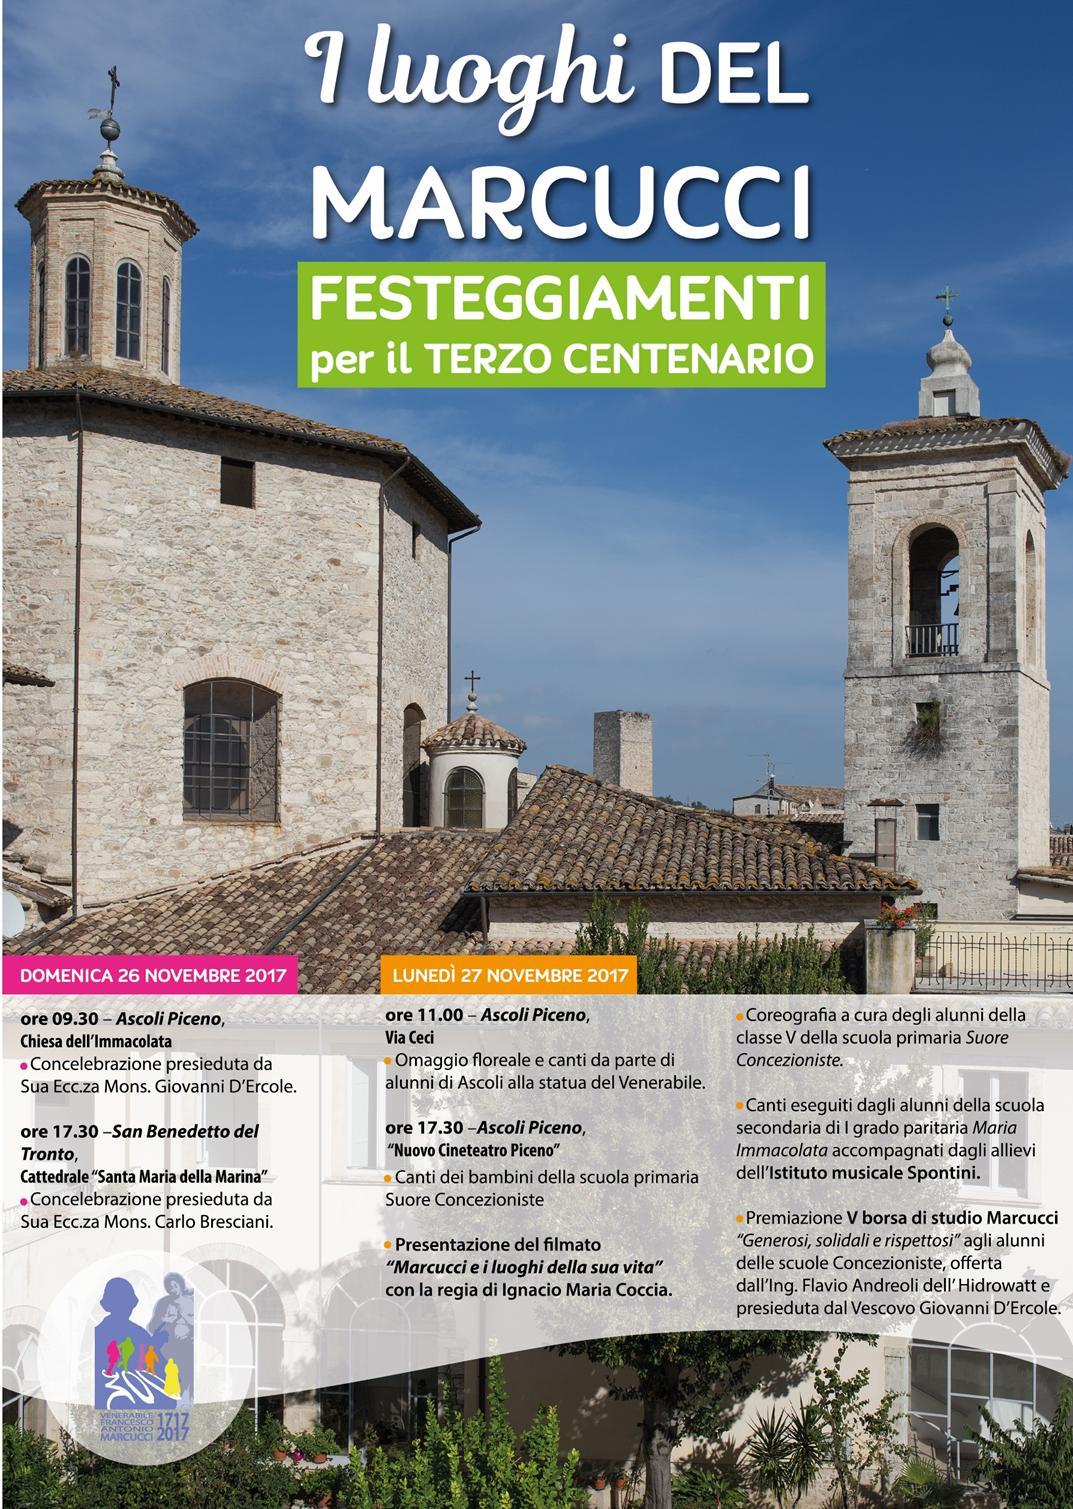 web-manifesto-stampa-concezioniste-02-copy